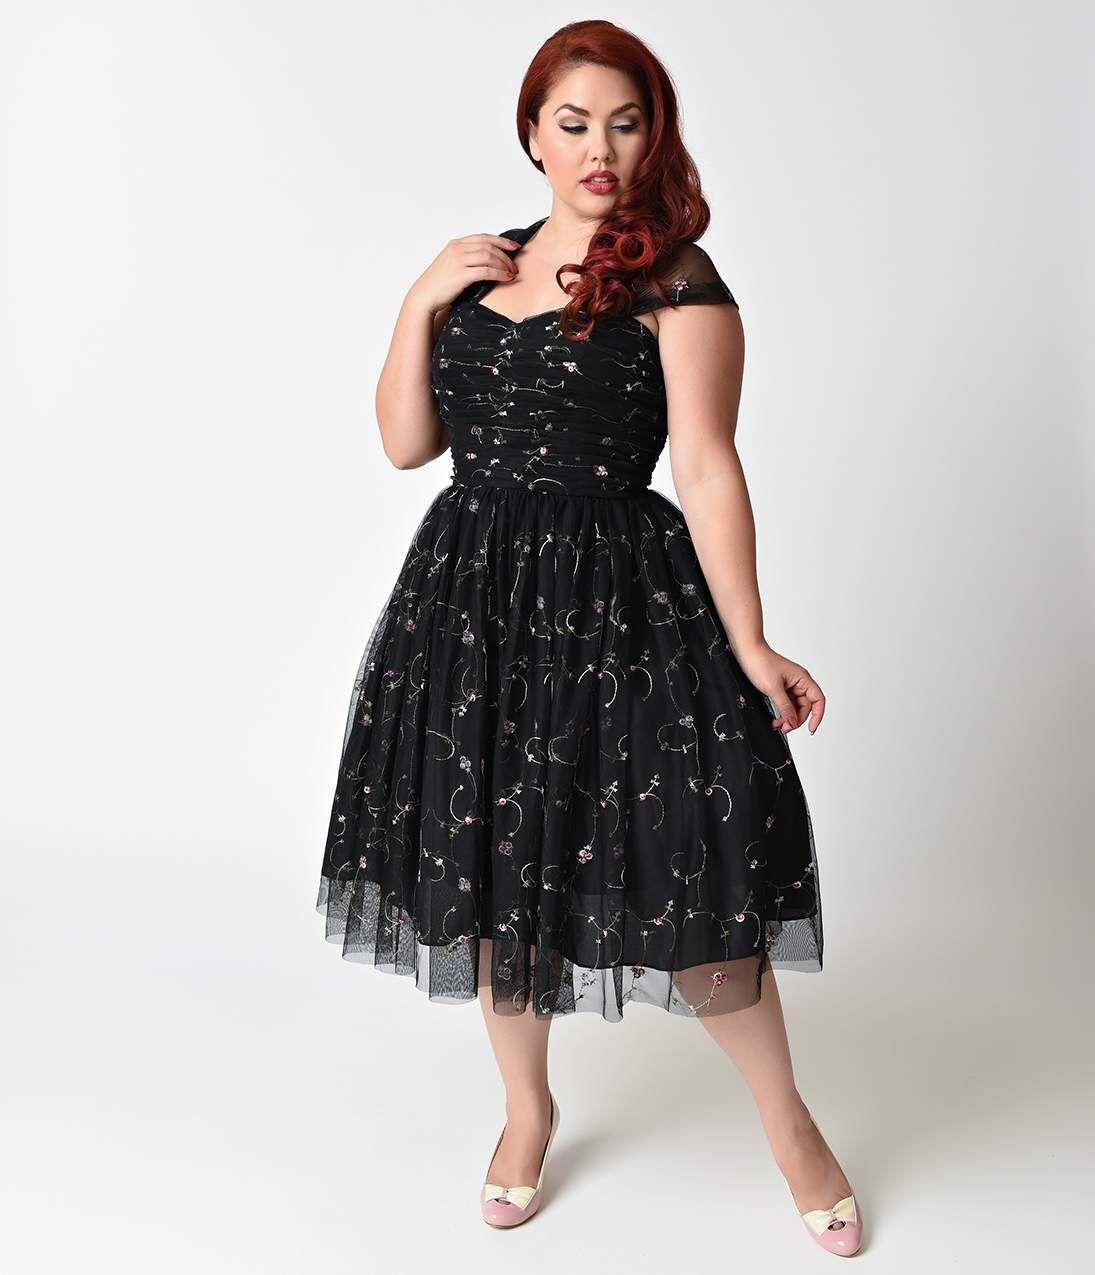 1950s Prom Dresses Formal Dresses Evening Gowns Mesh Cocktail Dress Plus Size Vintage Clothing Plus Size Dresses [ 1275 x 1095 Pixel ]